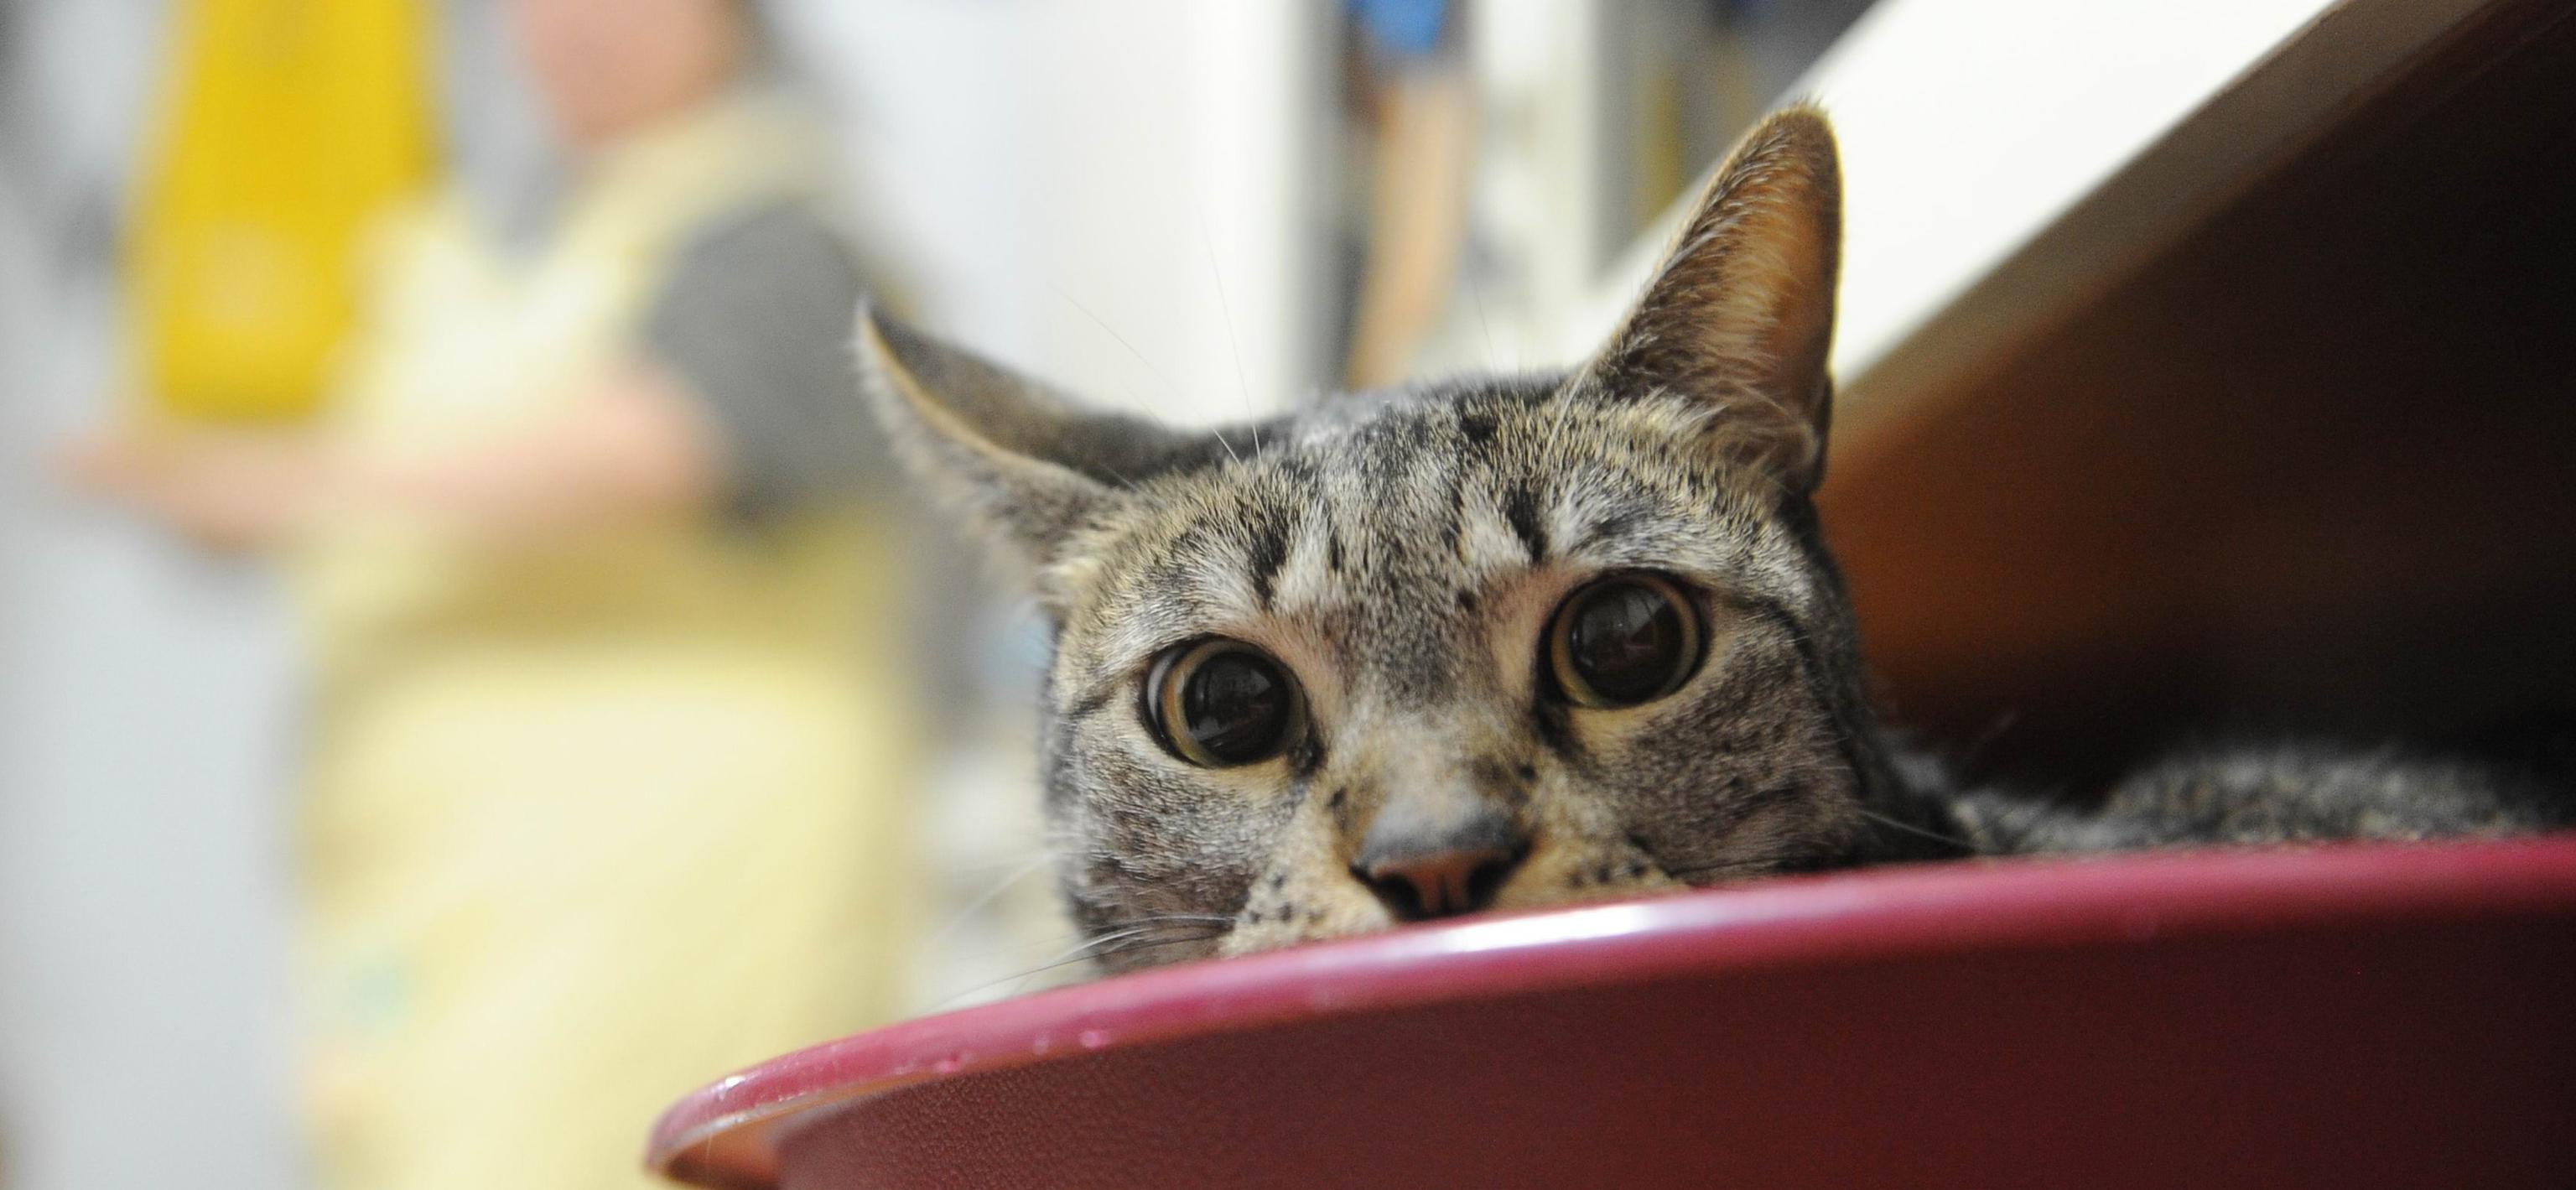 Specchio Sagomato Gatto Silvestro : Anche i gatti si deprimono colpa dei guai di famiglia